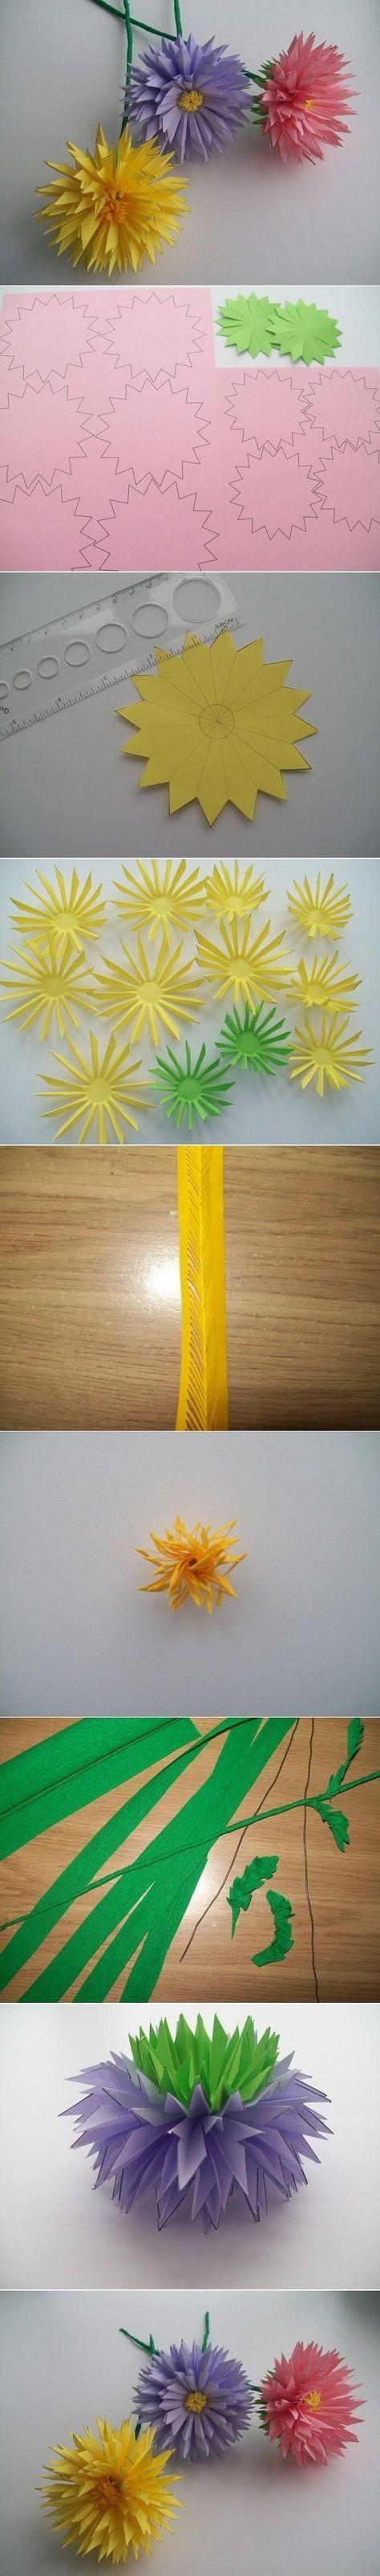 DIY Paper Asters diy craft crafts diy crafts craft flowers craft decor paper crafts teen crafts crafts for teens craft ideas diy ideas diy decorations. origami